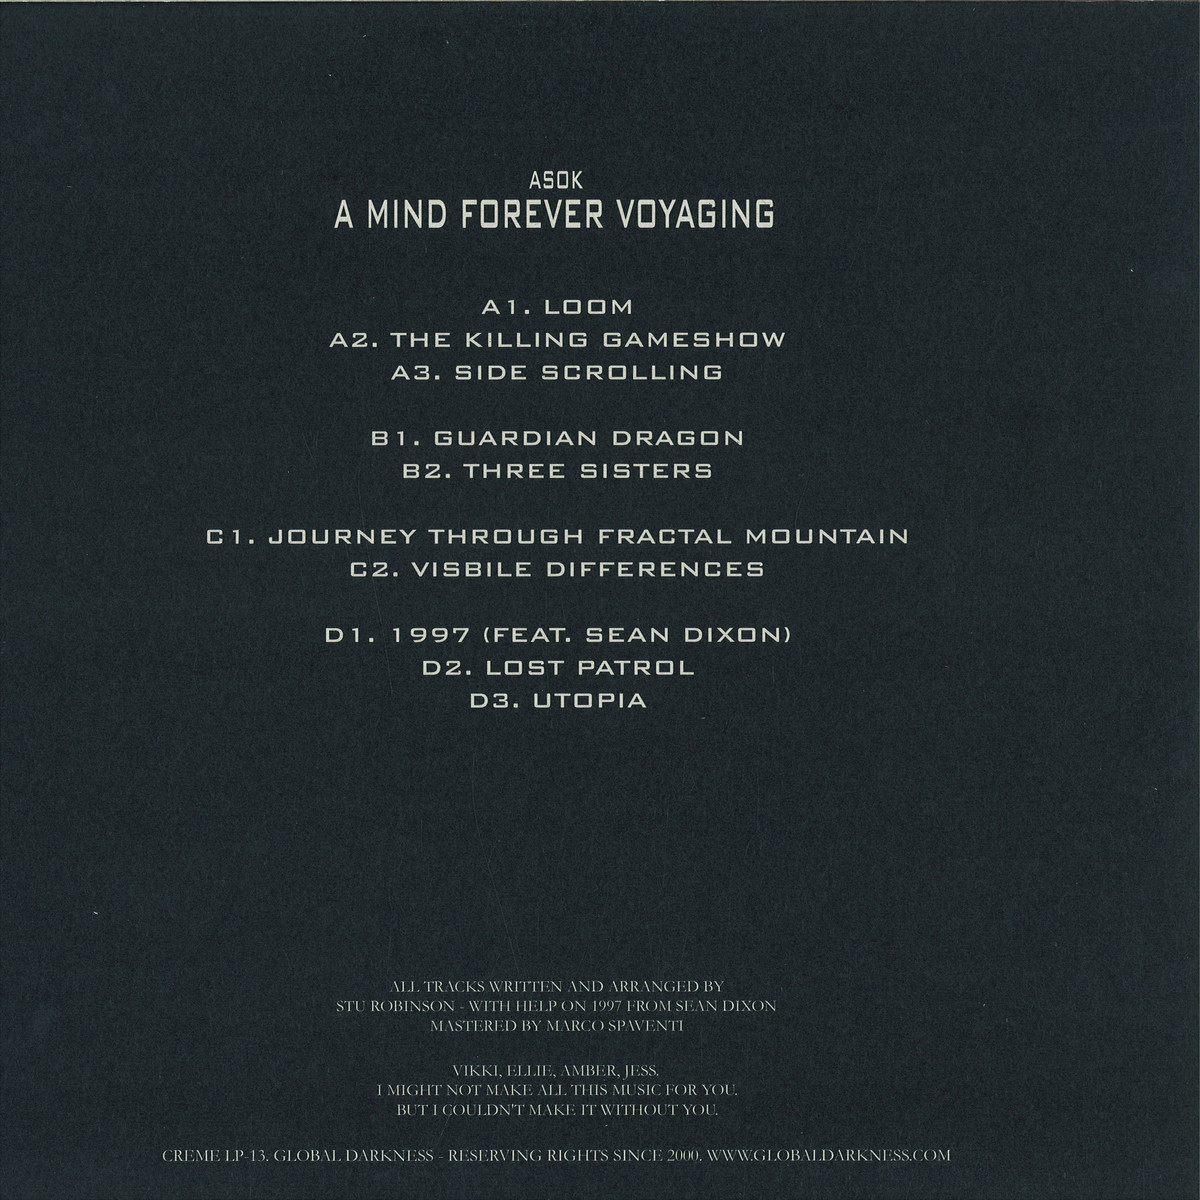 Asok - A Mind Forever Voyaging / Creme Organization CRLP13